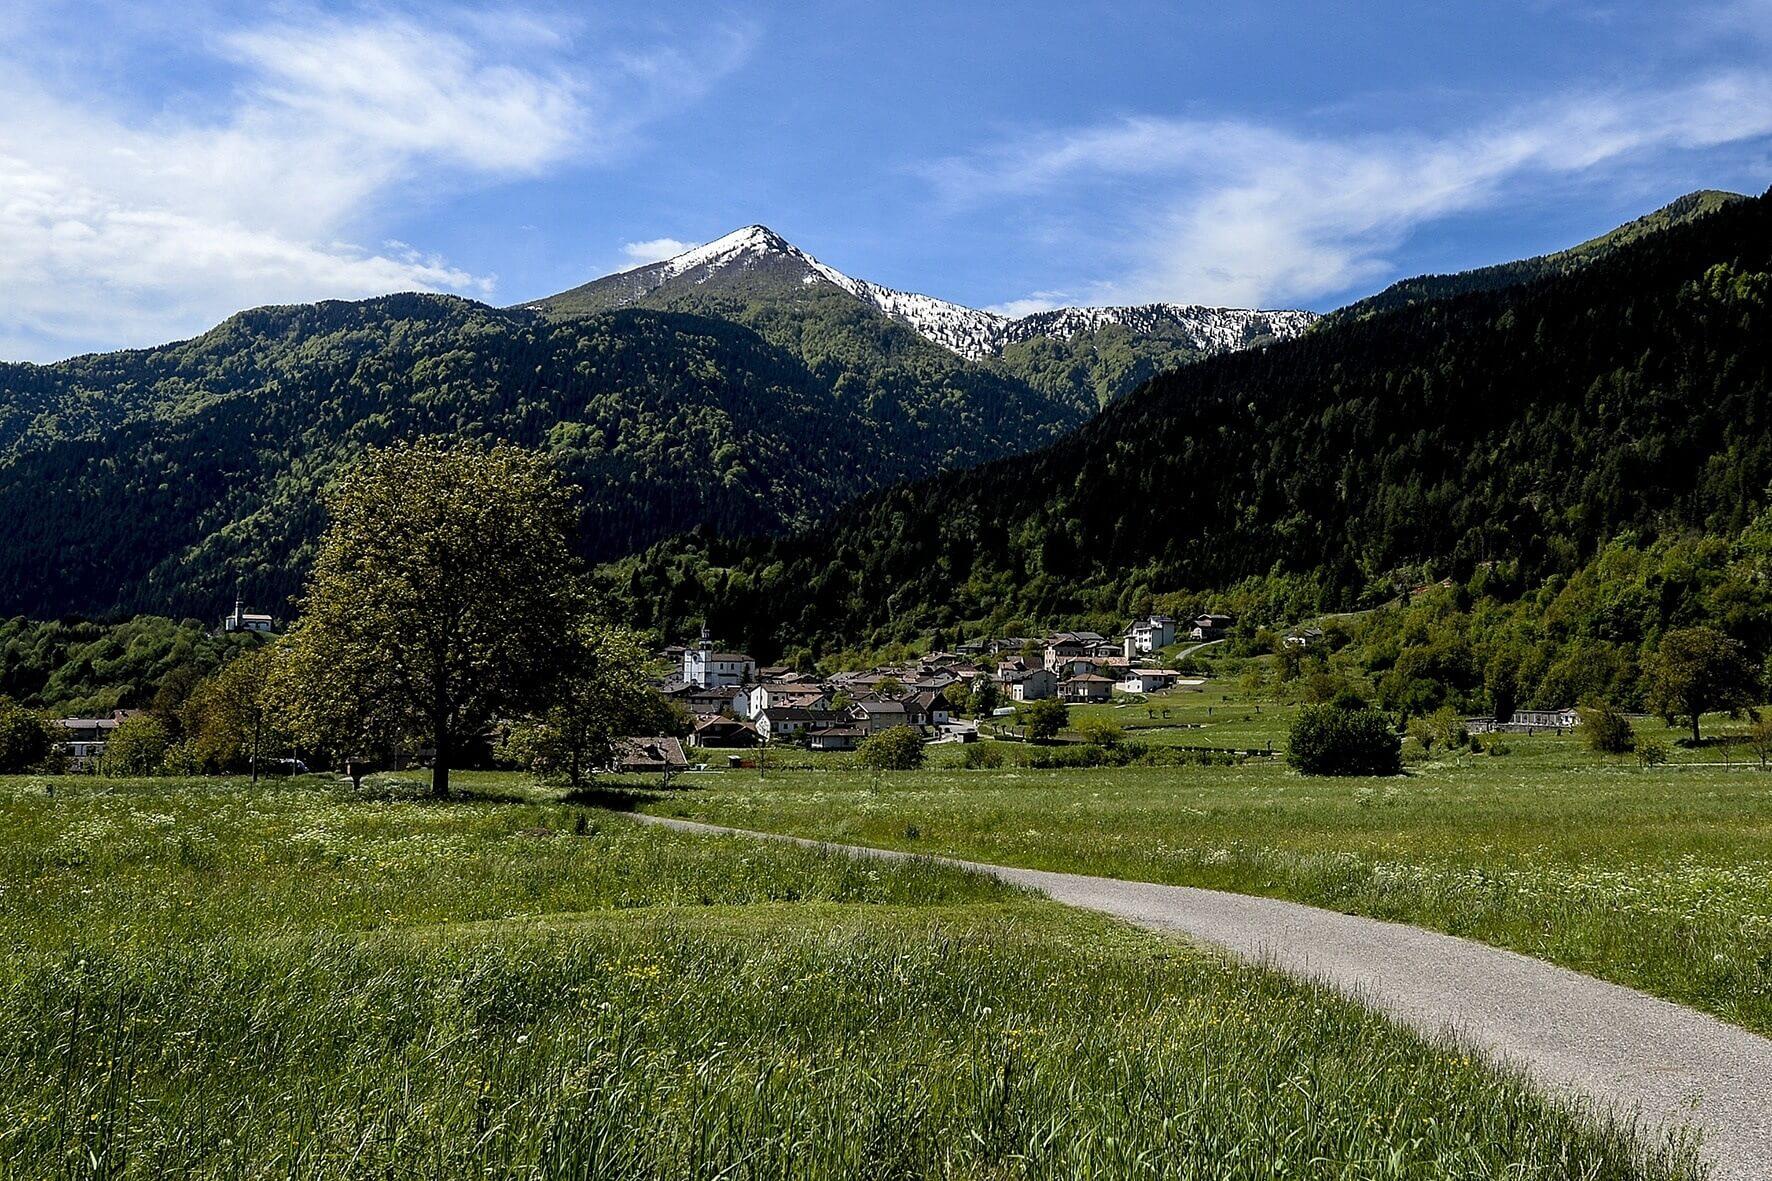 """Domenica 9 giugno 2019 a Sutrio, festa golosa fra i monti del Friuli  """"I Cjarsòns, la tradizione della Carnia"""""""